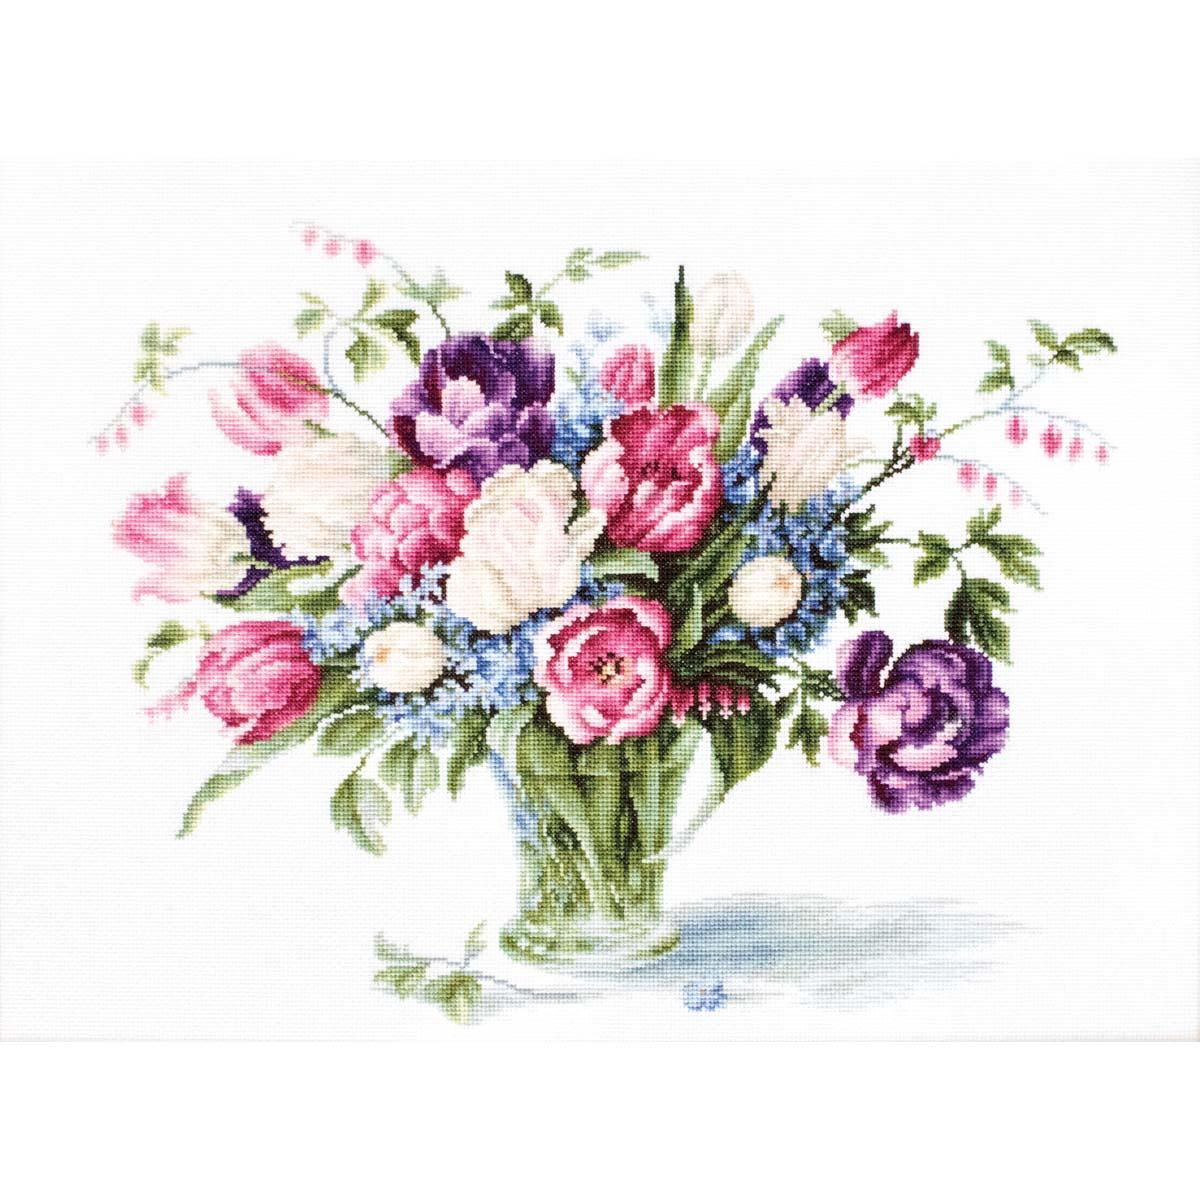 B2261 Набор для вышивания 'Тюльпаны' 33,5*26см, Luca-S